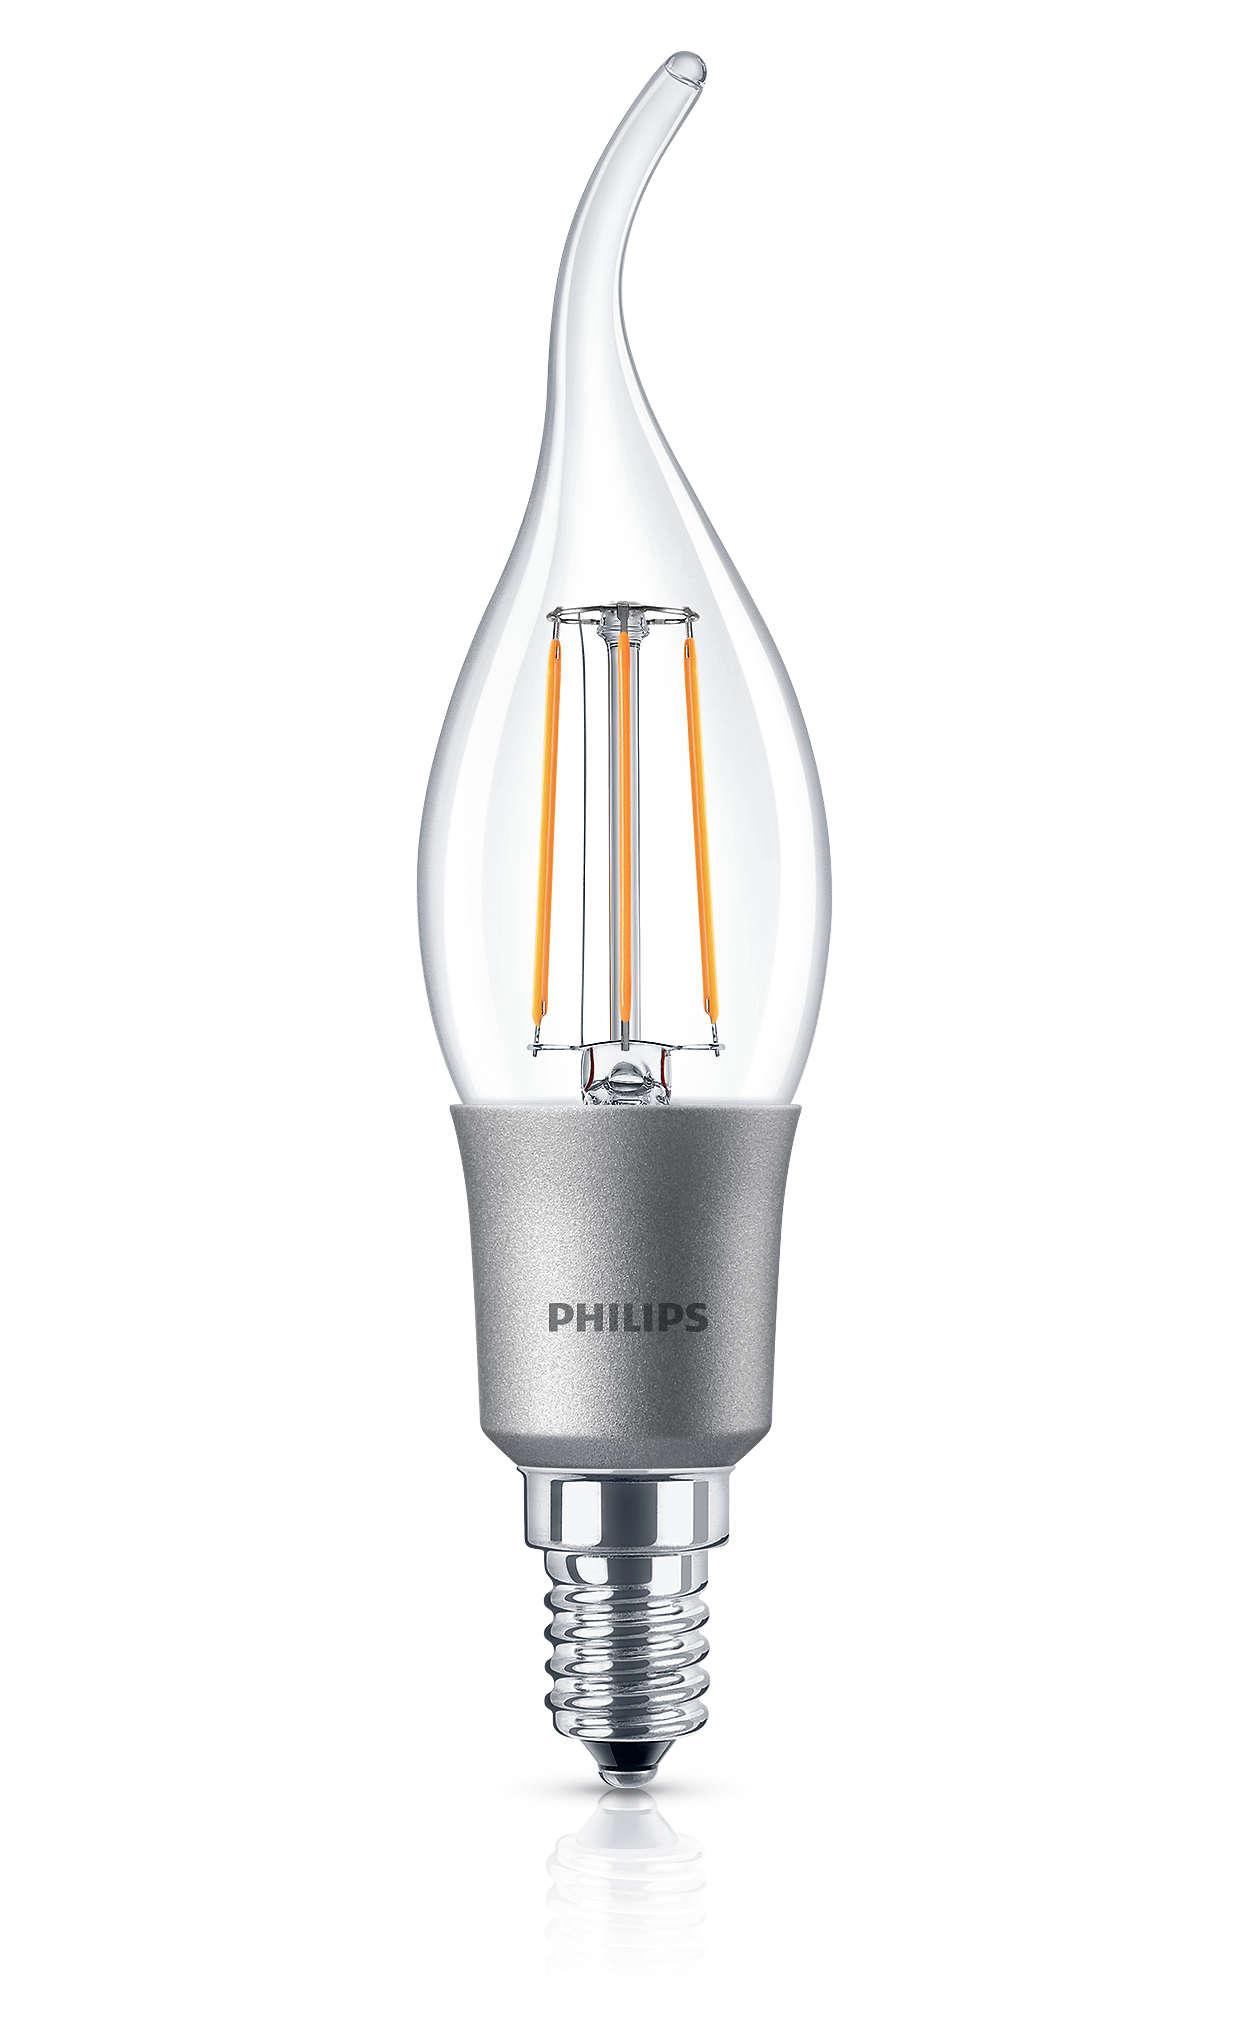 8718696575277-rtp-global-001 Erstaunlich Philips Led Leuchtmittel E14 Dekorationen